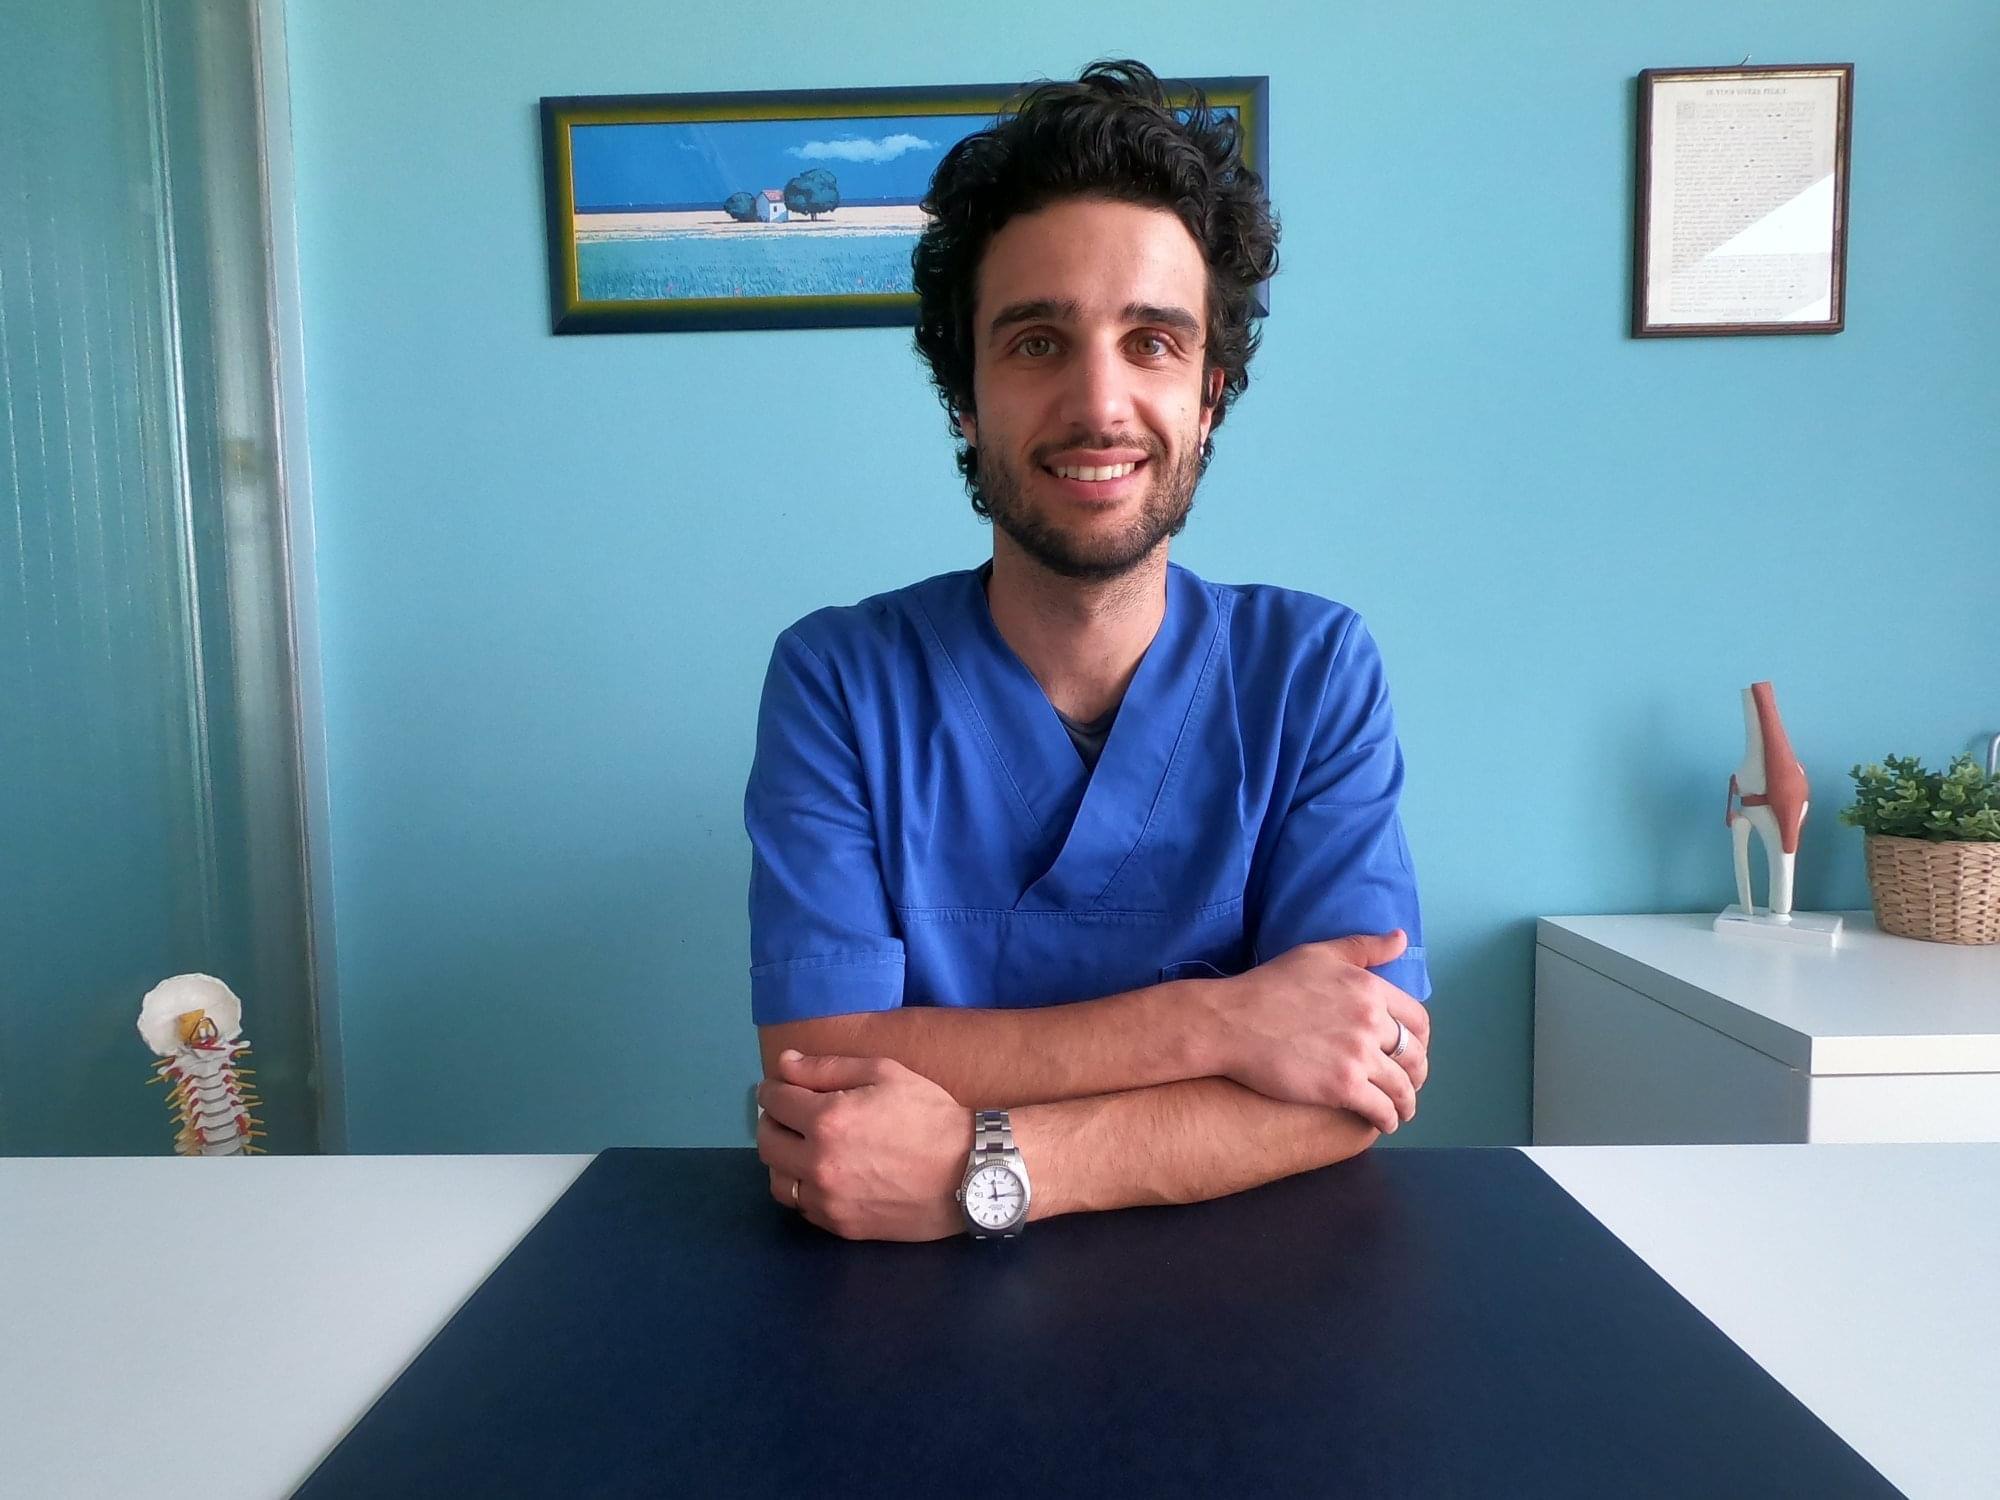 Daniele Busti - Fisioterapista, Scienze Riabilitative delle Professioni Sanitarie